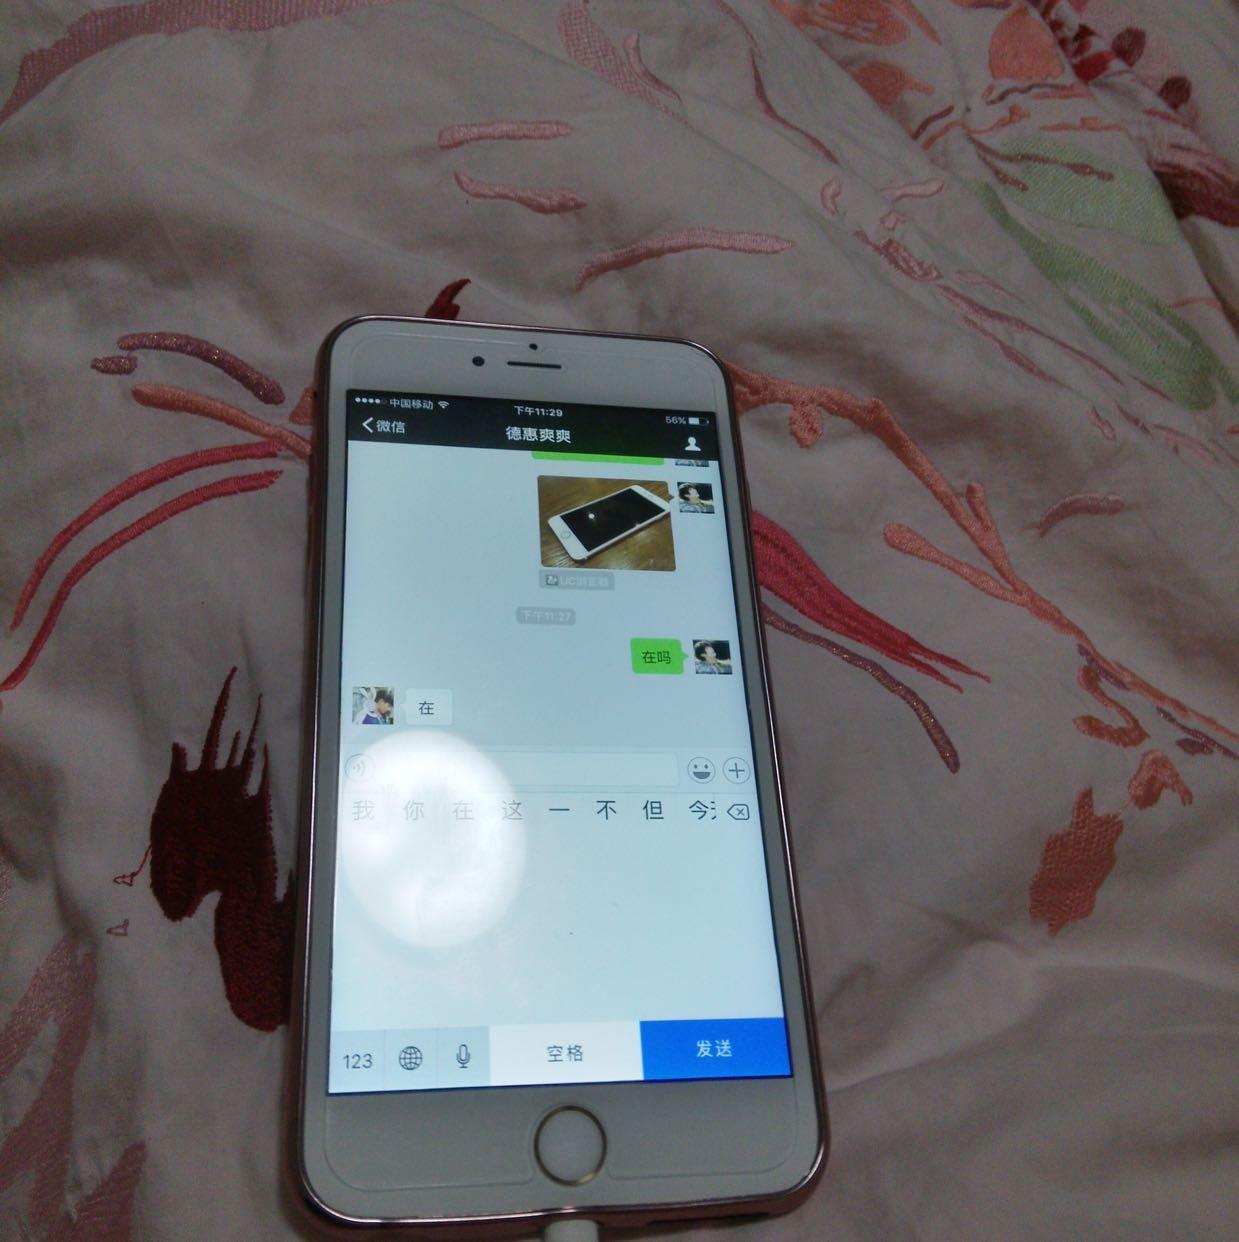 二手苹果iphone 6s plus16g交易